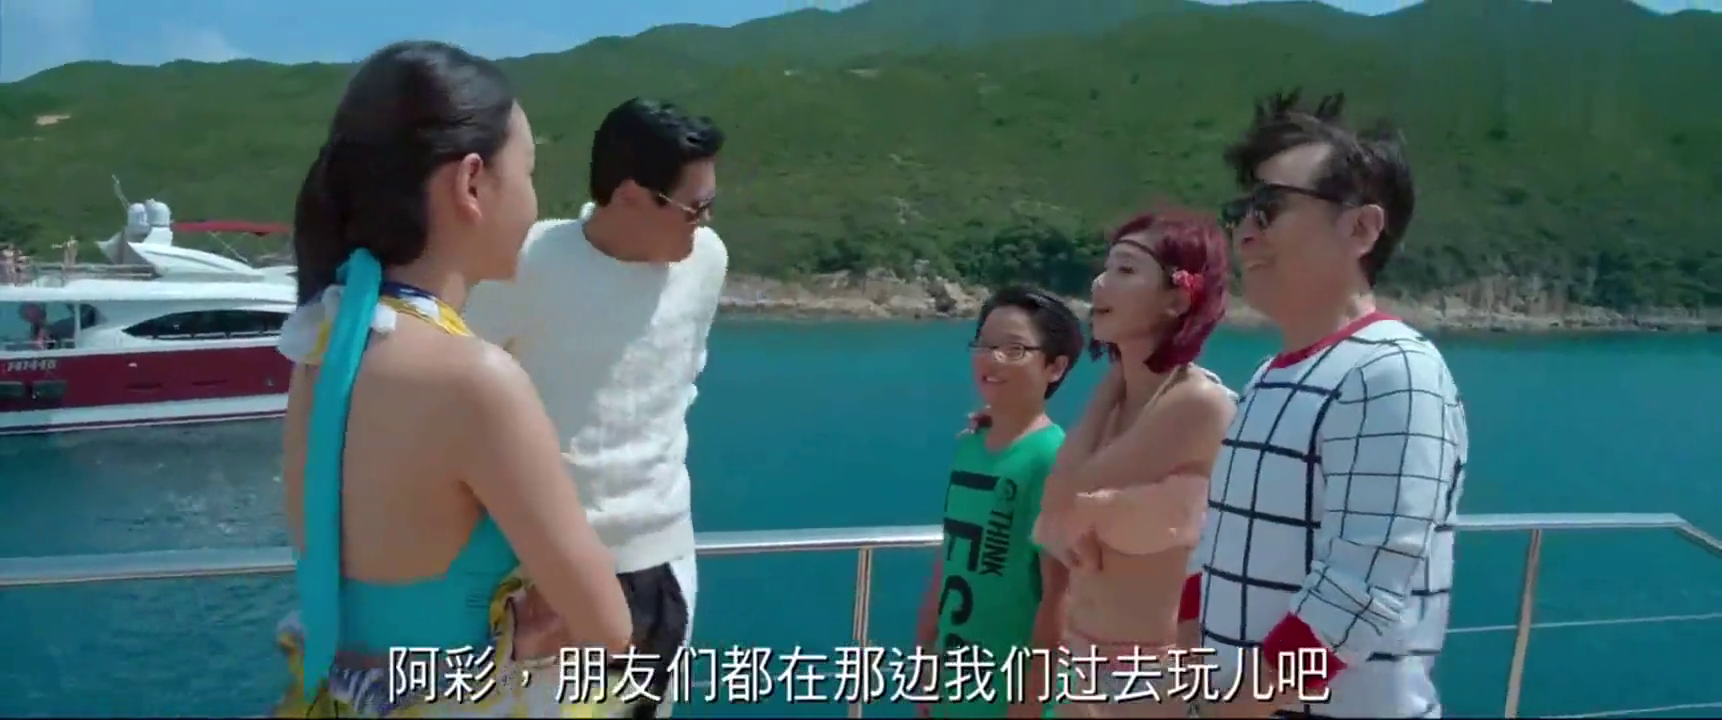 澳门风云:香港三大笑星合体,跟赌神打麻将,每人各输掉一亿!